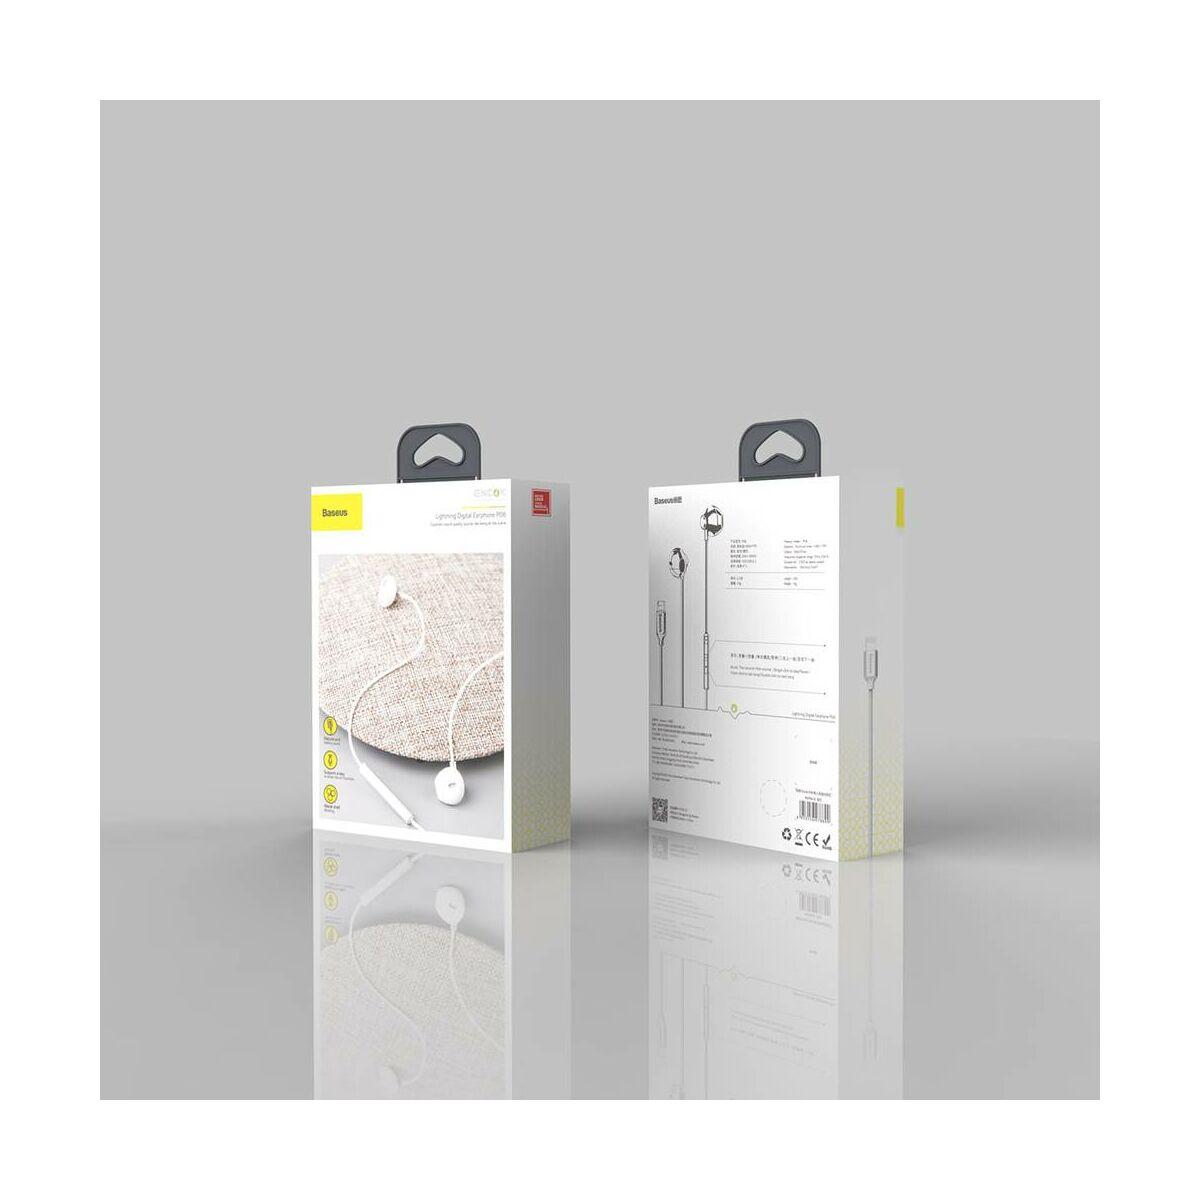 Baseus fülhallgató, Encok P06 Lightning Call Digital, vezetékes, ezüst (NGP06-0S)